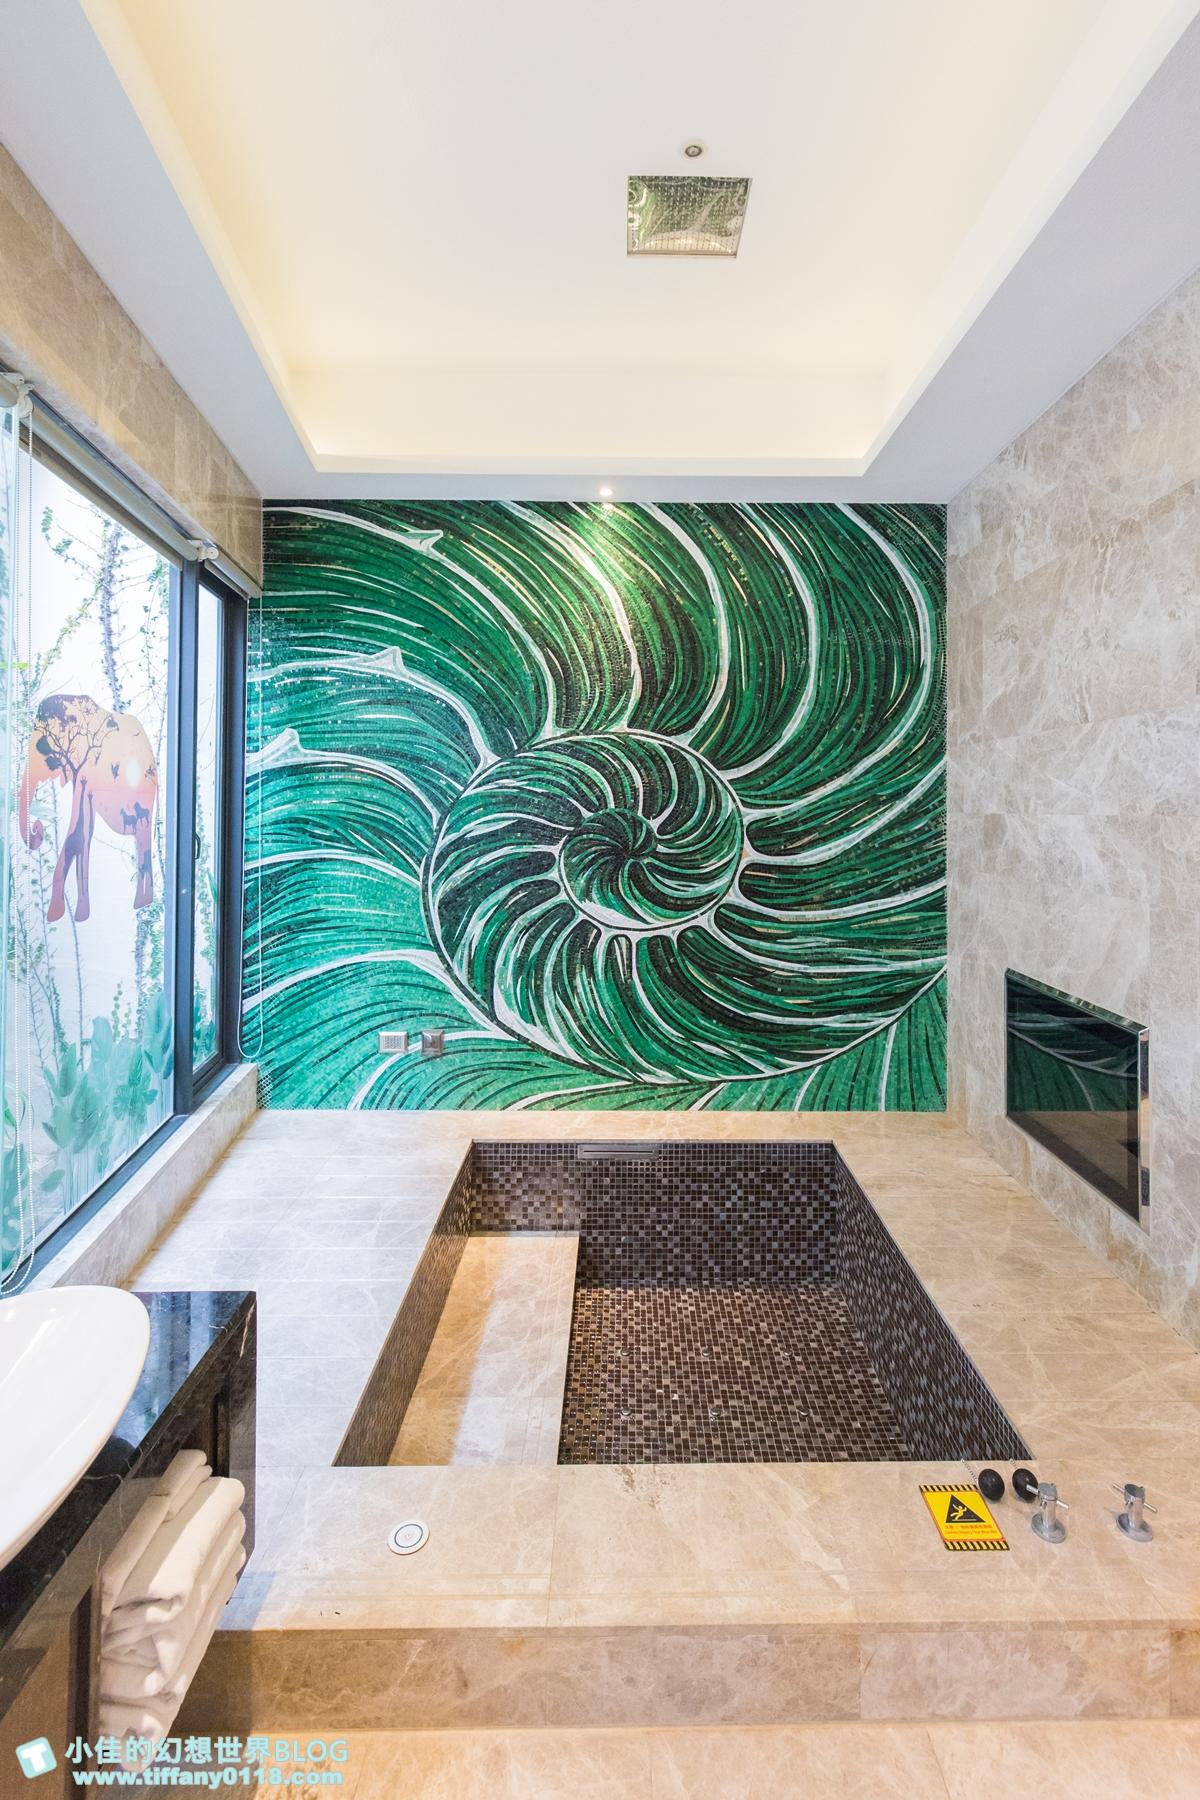 [台中住宿推薦]芭蕾城市渡假旅店/全台唯一叢林城堡主題房和獨角獸親子房型超夢幻/Villa主題房型寬敞又有特色